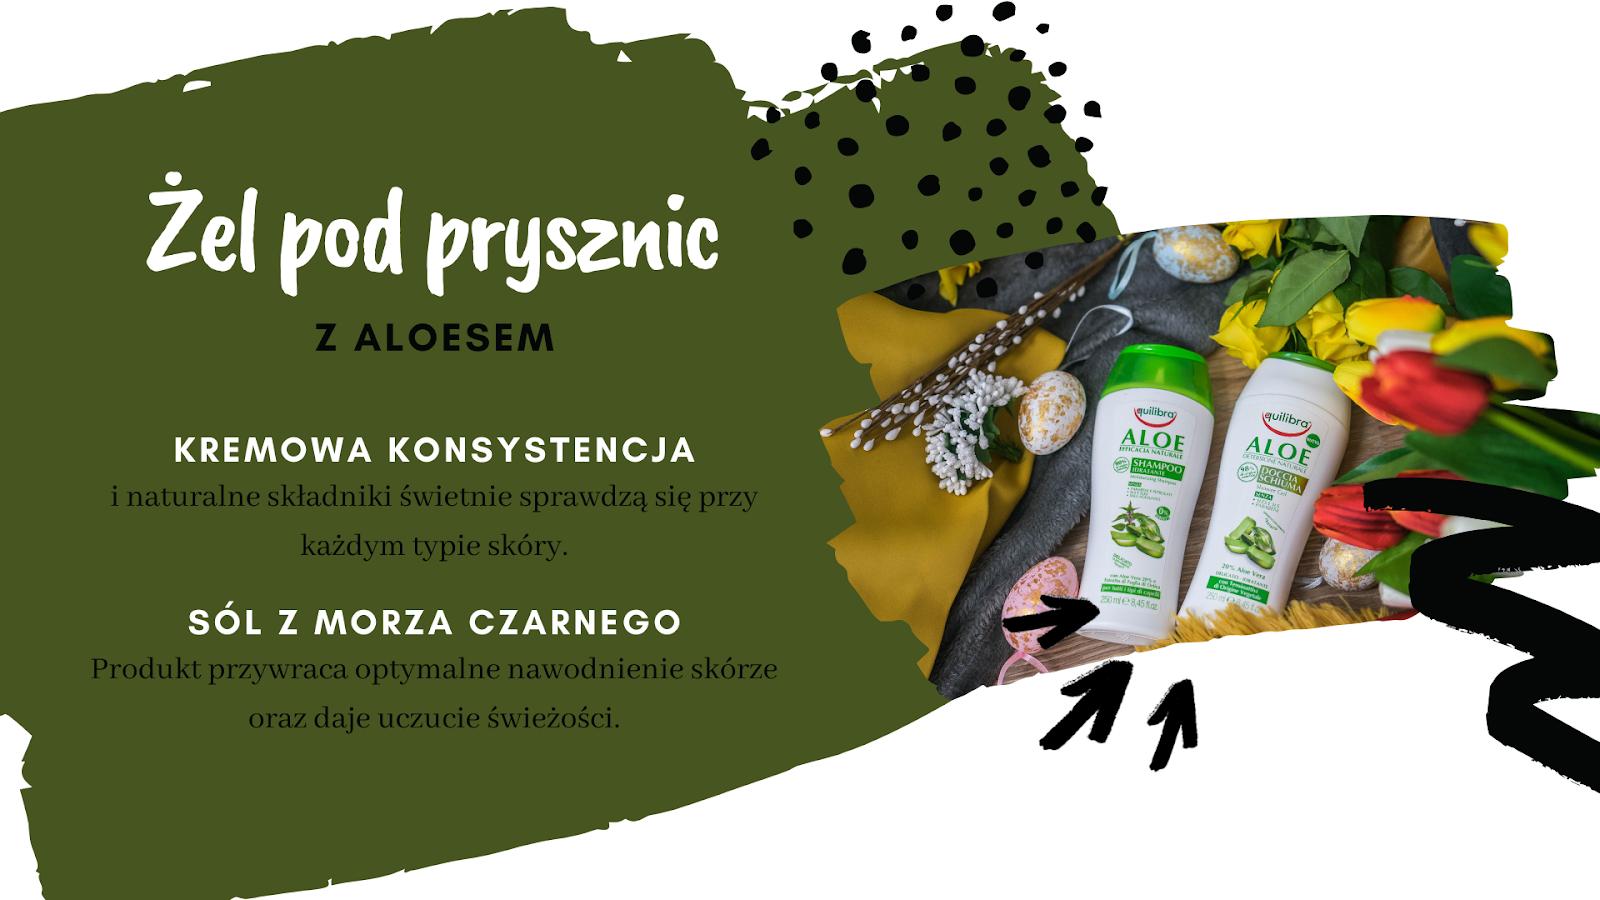 1 equilibra naturalne włoskie kosmetyki z aktywnym węglem maseczka peel off jak pozbyć się zaskórników szampon żel pod prysznic z aloesem jak pozbyć się zmarszek i cieni wokół oczu